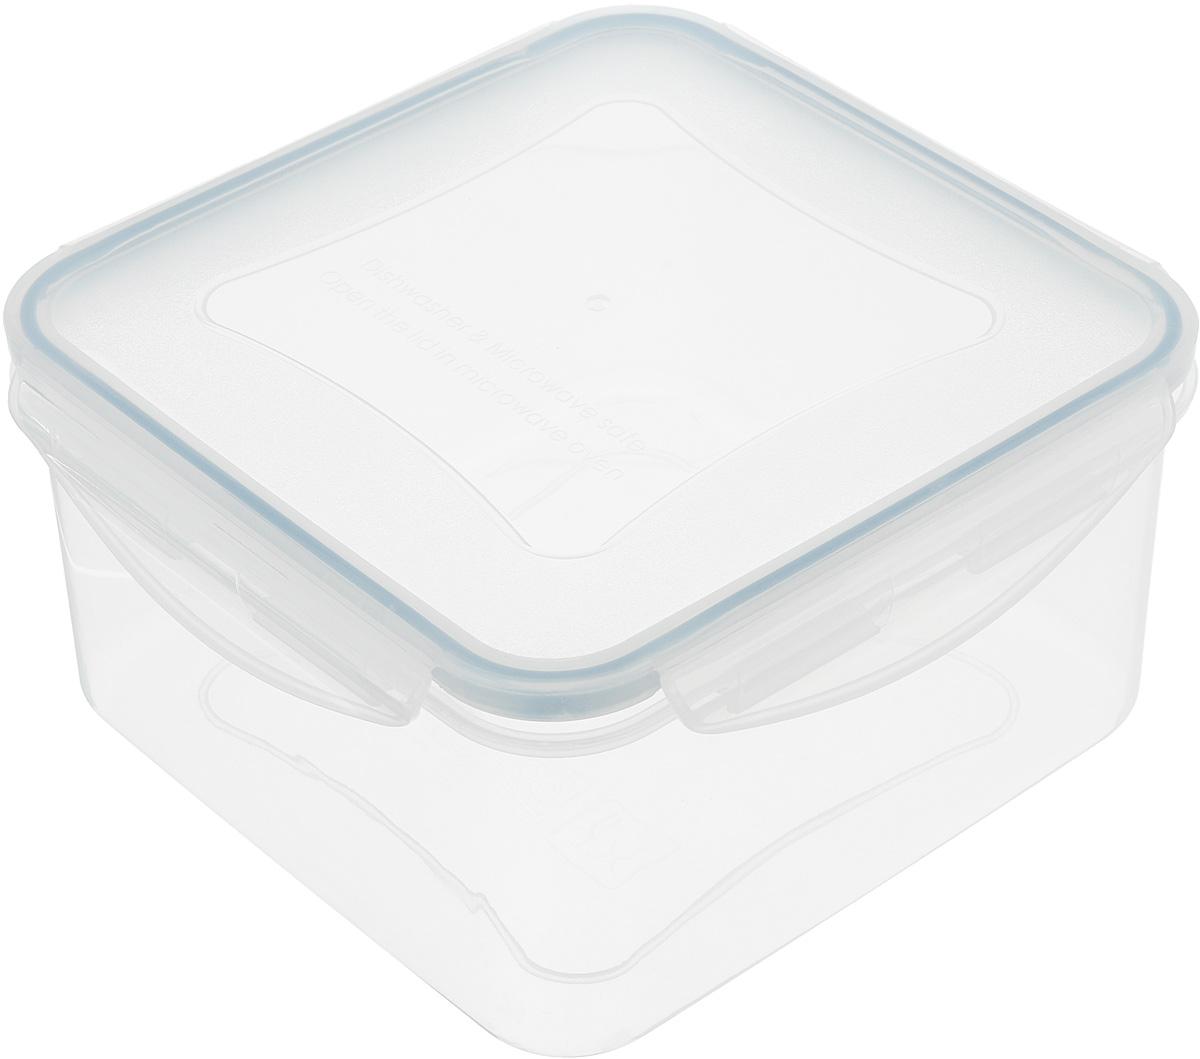 Контейнер Tescoma Freshbox, квадратный, 2 л21395599Квадратный контейнер Tescoma Freshbox замечателен для хранения и переноски продуктов. Выполнен из высокопрочной жаростойкой пластмассы, которая выдерживает температуру от -18°С до +110°С. Контейнера снабжен воздухонепроницаемой и водонепроницаемой крышкой с силиконовой прокладкой, которая гарантирует герметичность. Продукты дольше сохраняют свежесть и аромат, а жидкие блюда не вытекают. Контейнер очень вместителен, он отлично подойдет для хранения пищи дома, а также для пикников и выездов на природу. Контейнер пригоден для использования в холодильнике, морозильной камере и микроволновой печи. Допускается мытье в посудомоечной машине.Размер контейнера: 18 х 18 х 9 см.